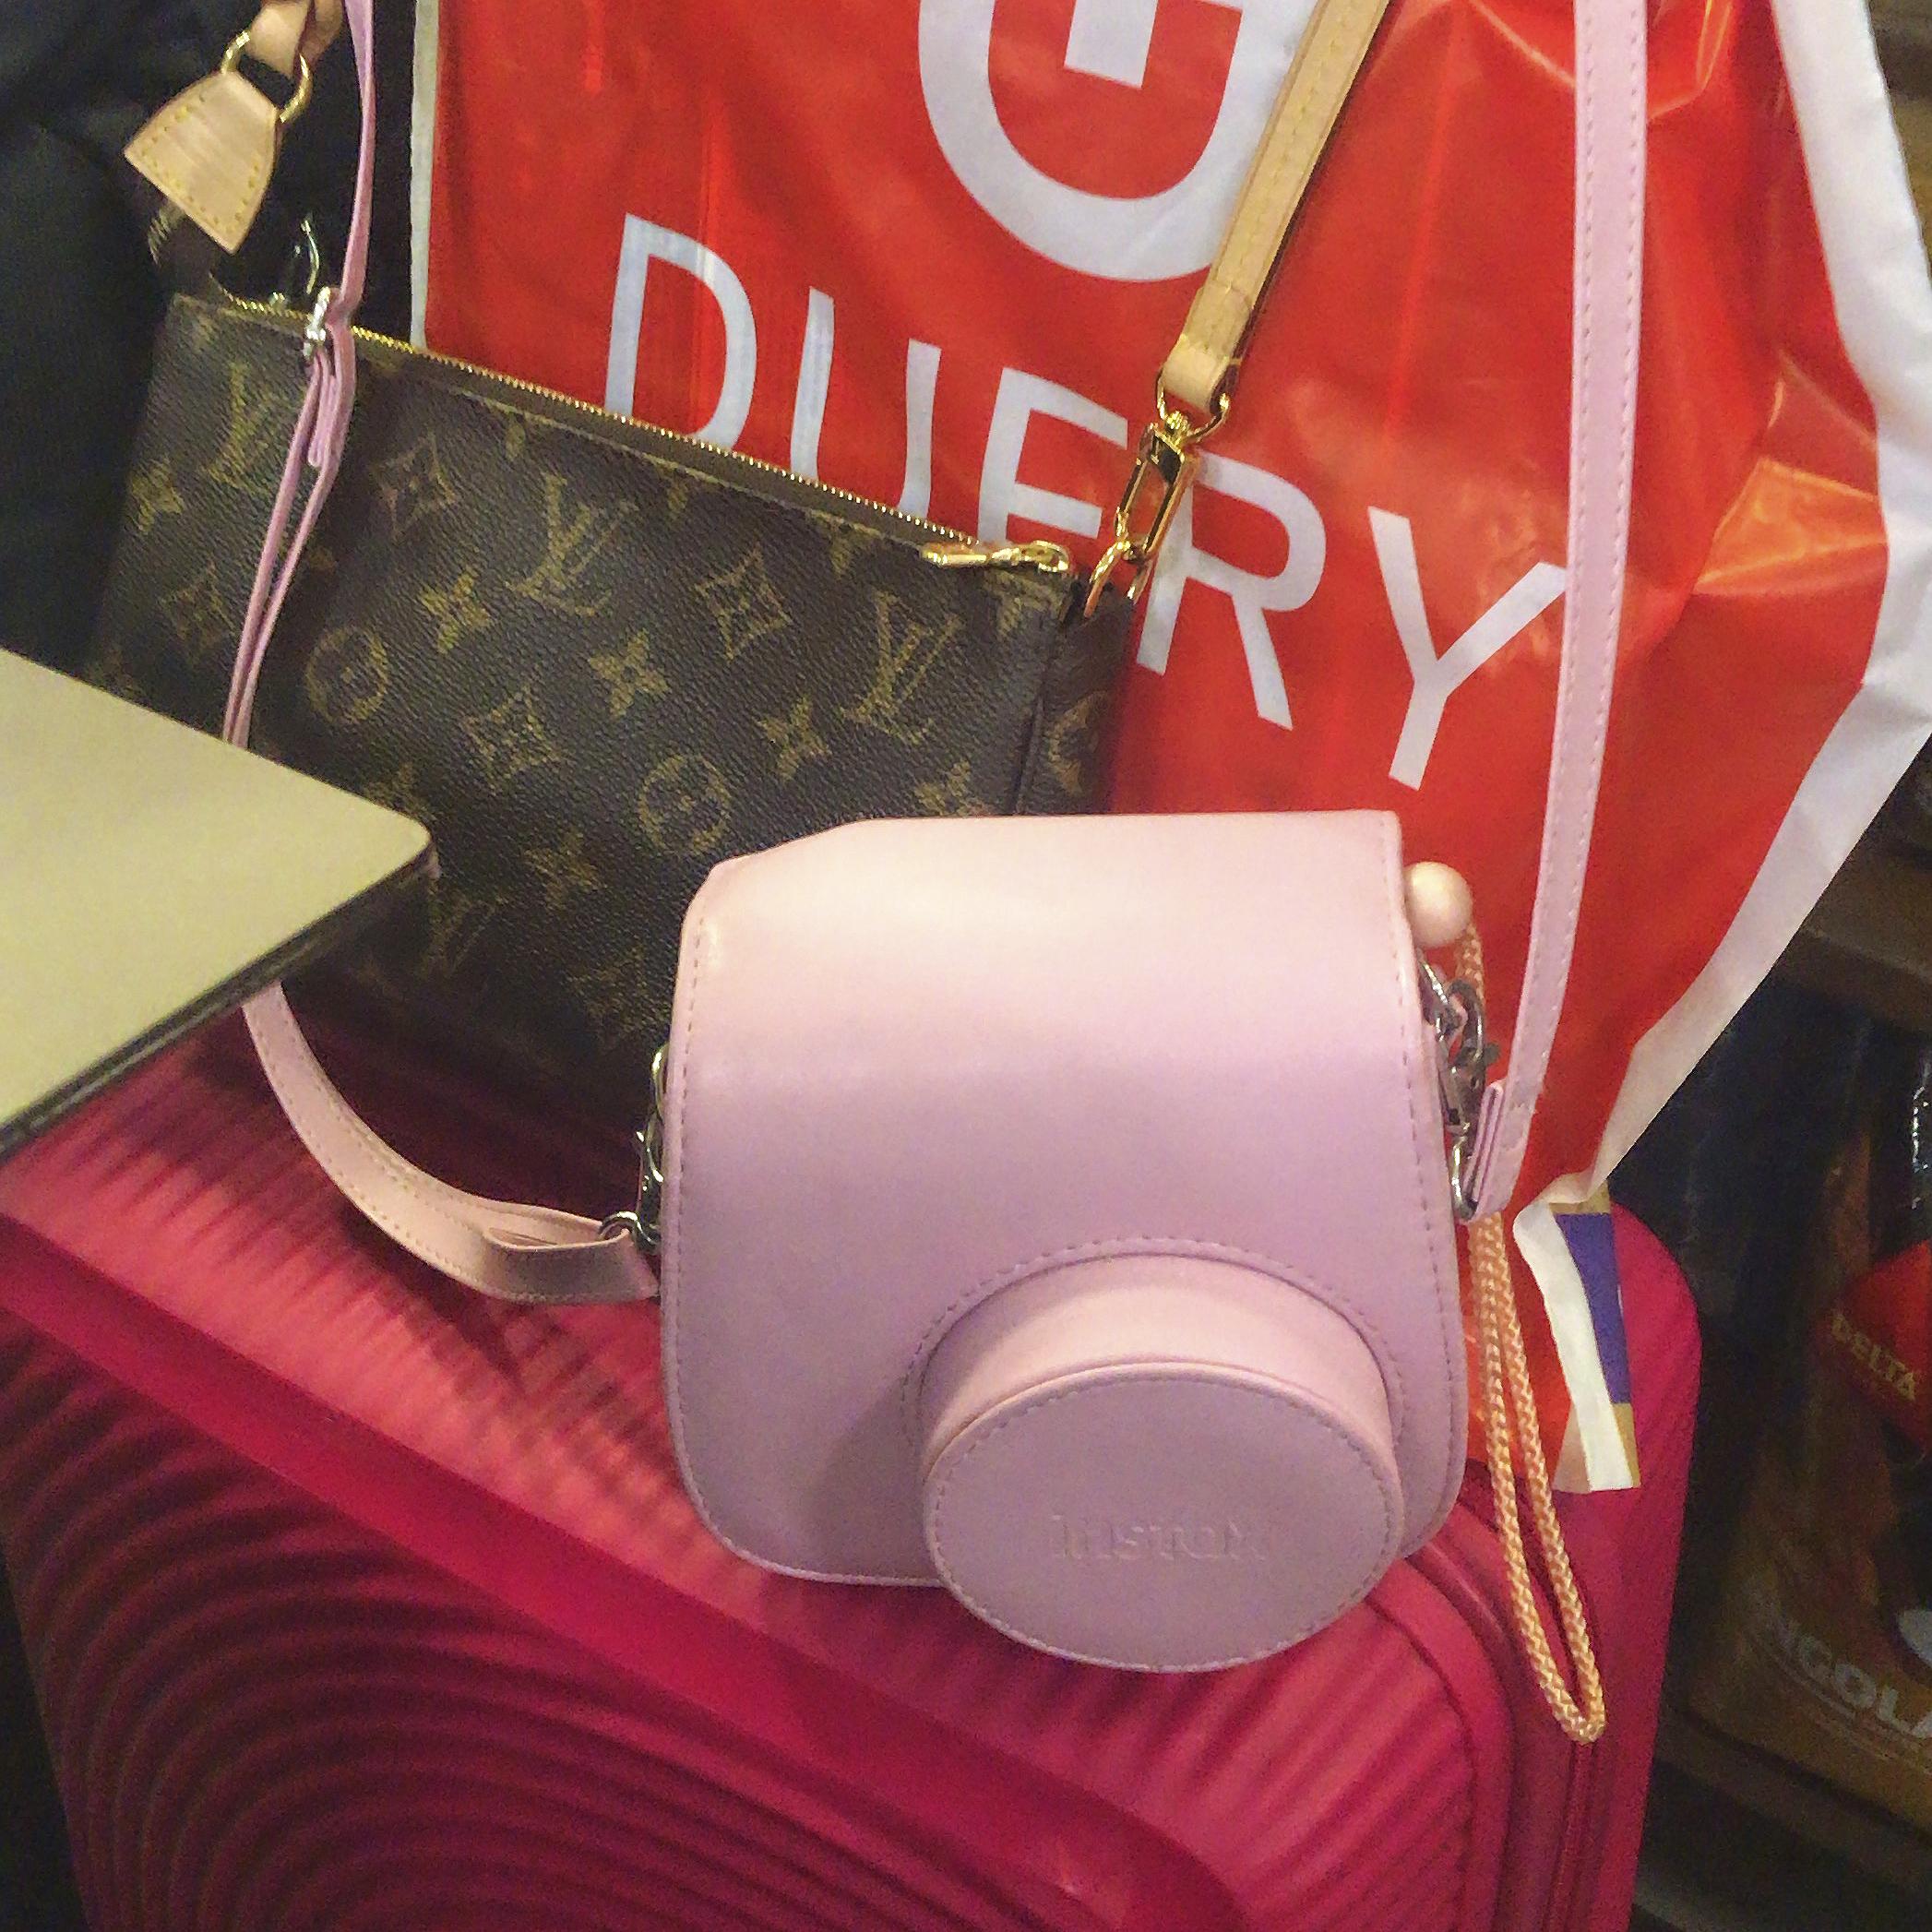 Mala de mão rosa pink da Samsonite, bolsa Pochette Accessoires da Louis Vuitton, câmera Polaroid Instax Mini rosa bebê e sacola vermelha do free shop Dufry.